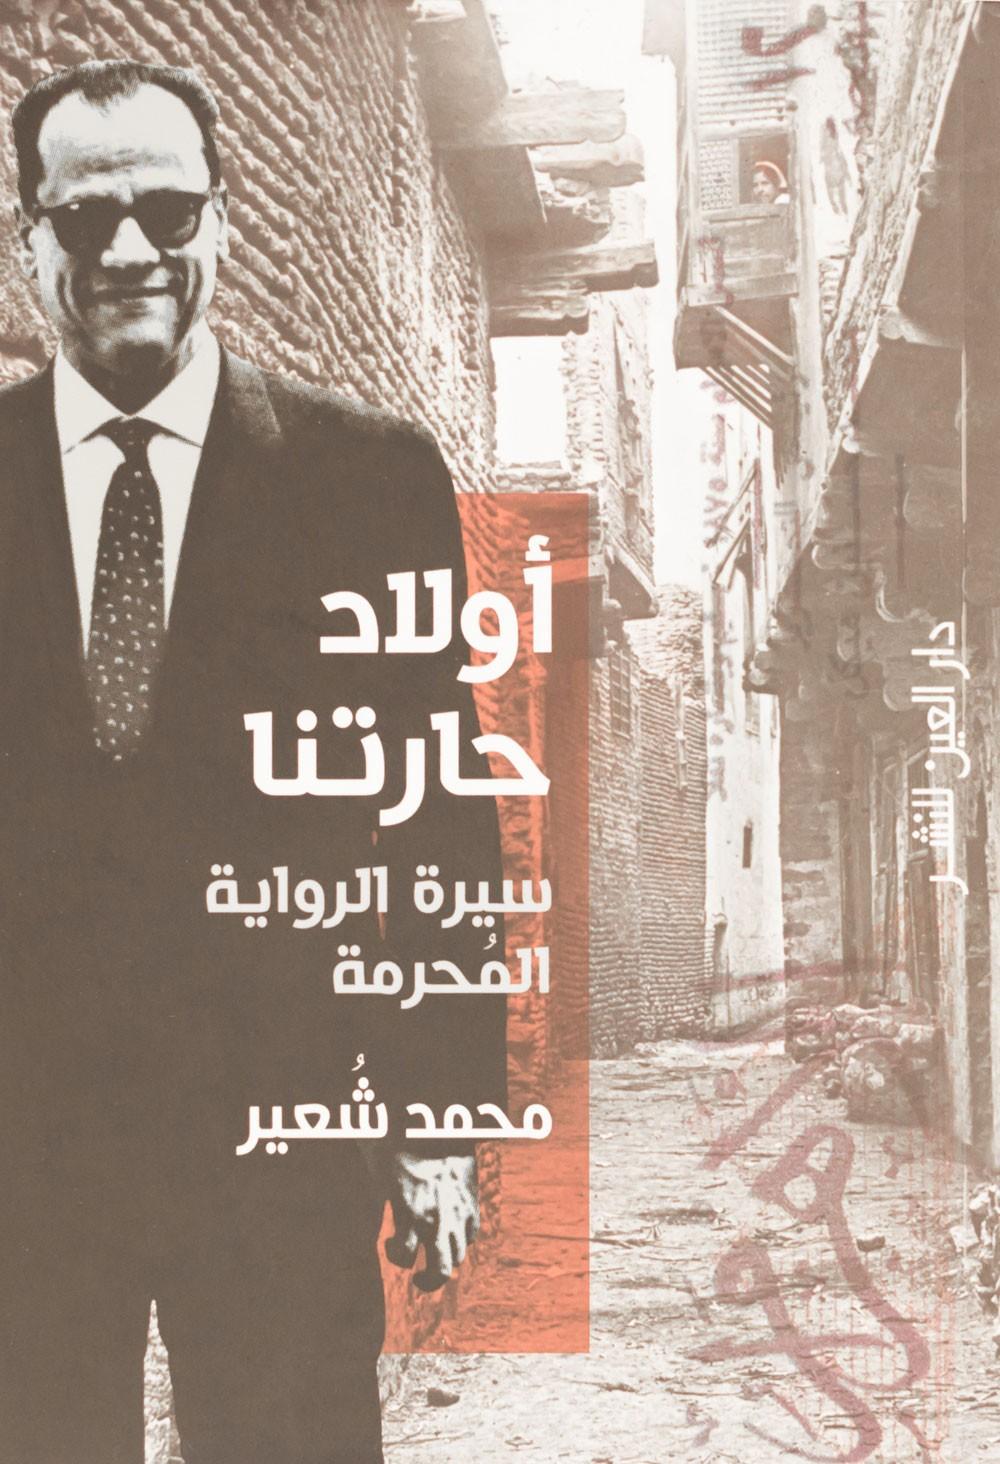 جائزة الشيخ زايد للكتاب تعلن القائمة الطويلة لفرع الفنون والدراسات النقدية